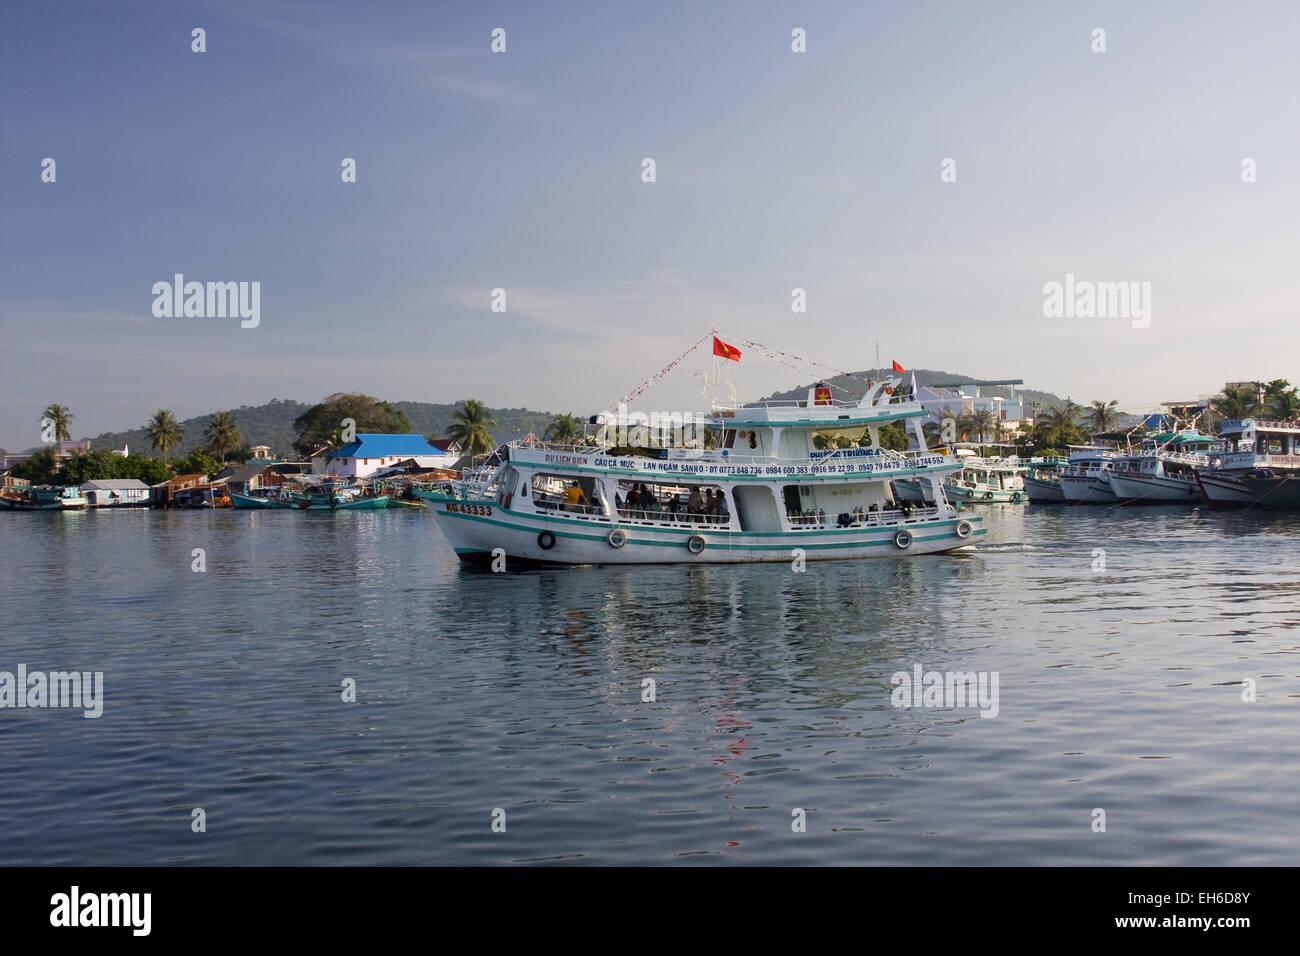 Fishingboats in Fishing port Cang An, Phu Quoc island, Vietnam, Asia Stock Photo